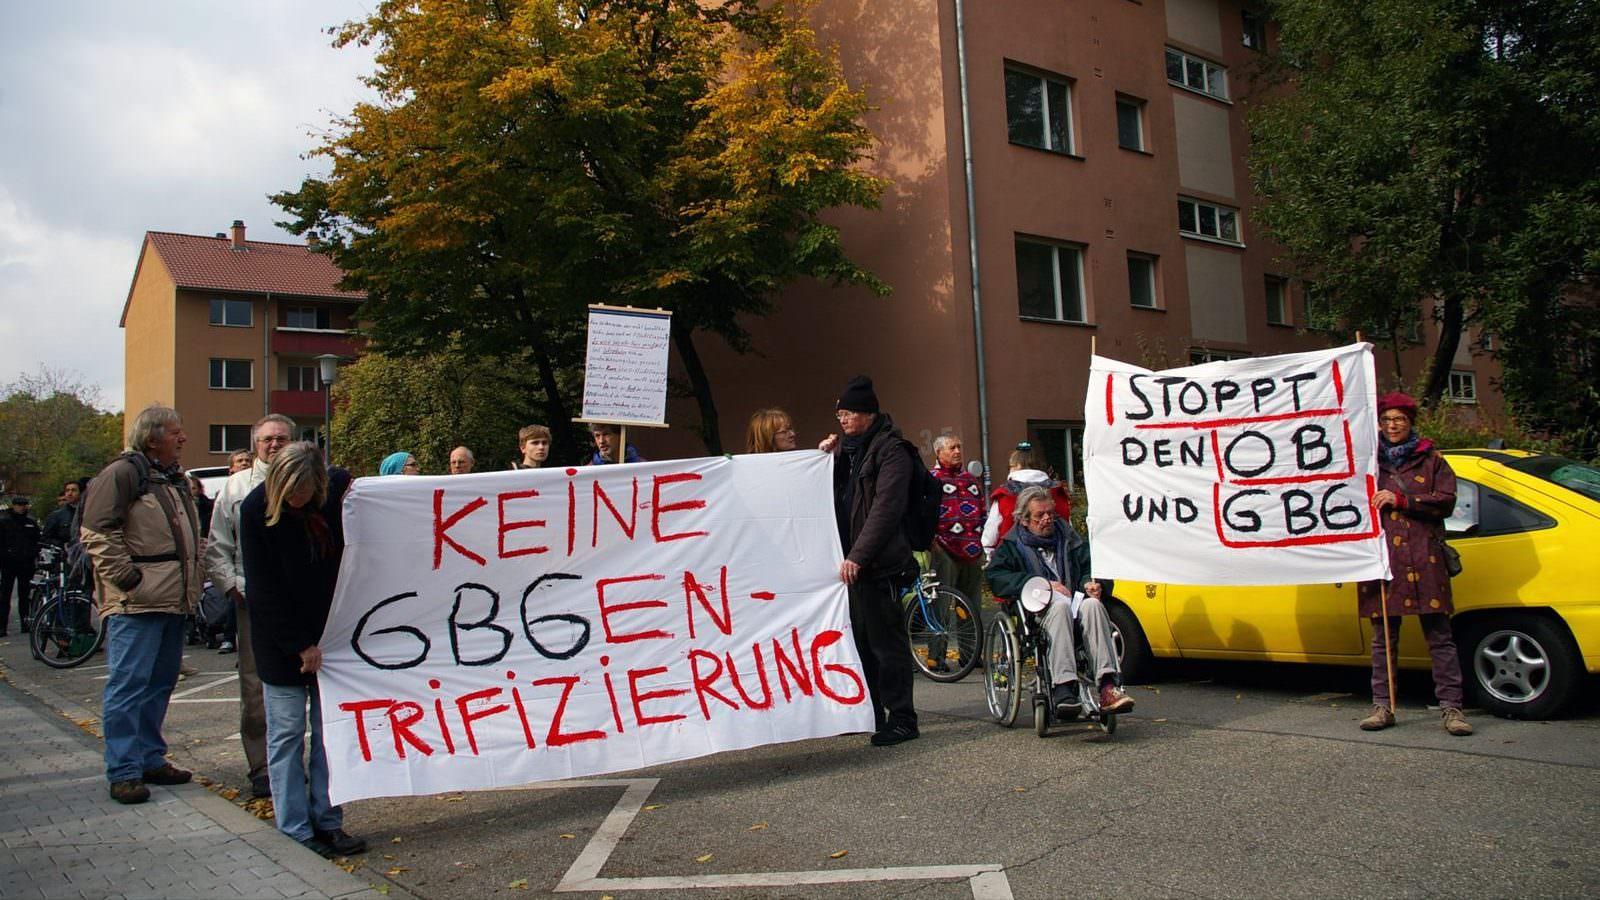 Die Demonstranten und Mieter vor den abrissgefährdeten GBG-Häusern | Foto: M. Schülke